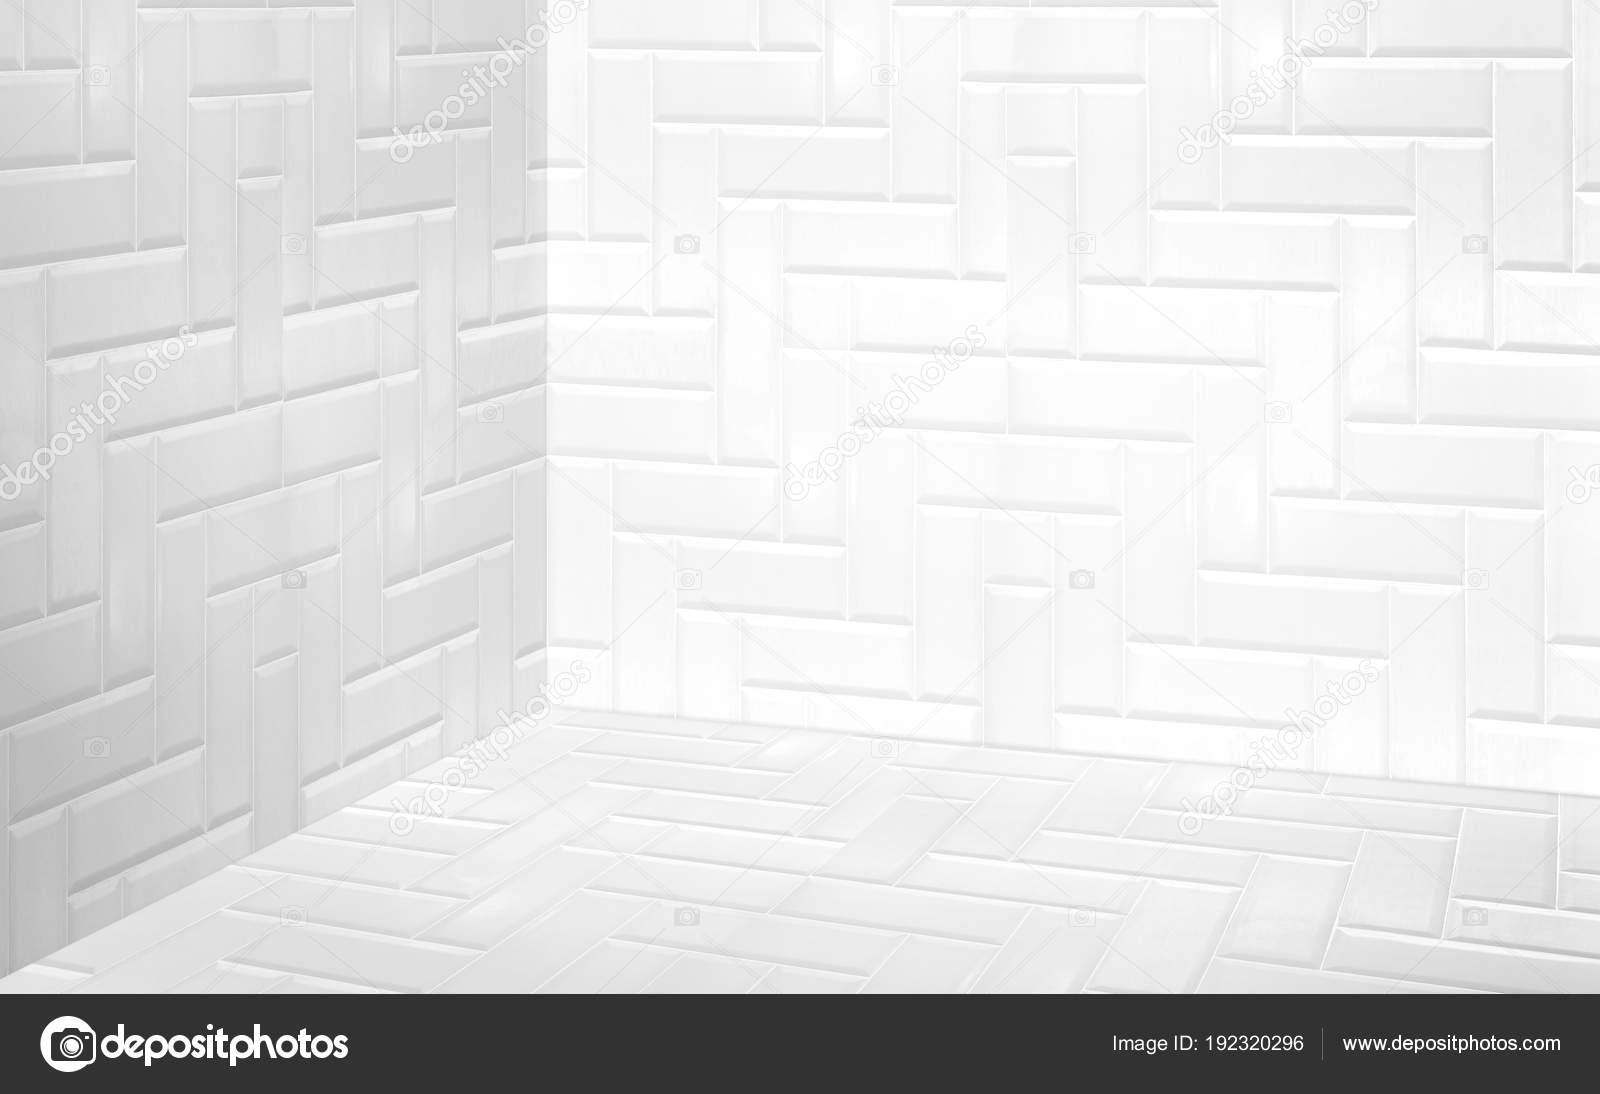 Vider Un Carrelage Moderne Blanc Mur Et Plancher Perspective Chambre  Du0027angle, Chambre De Style Moderne, Mock Pour Affichage De Produit,  Présentation De ...